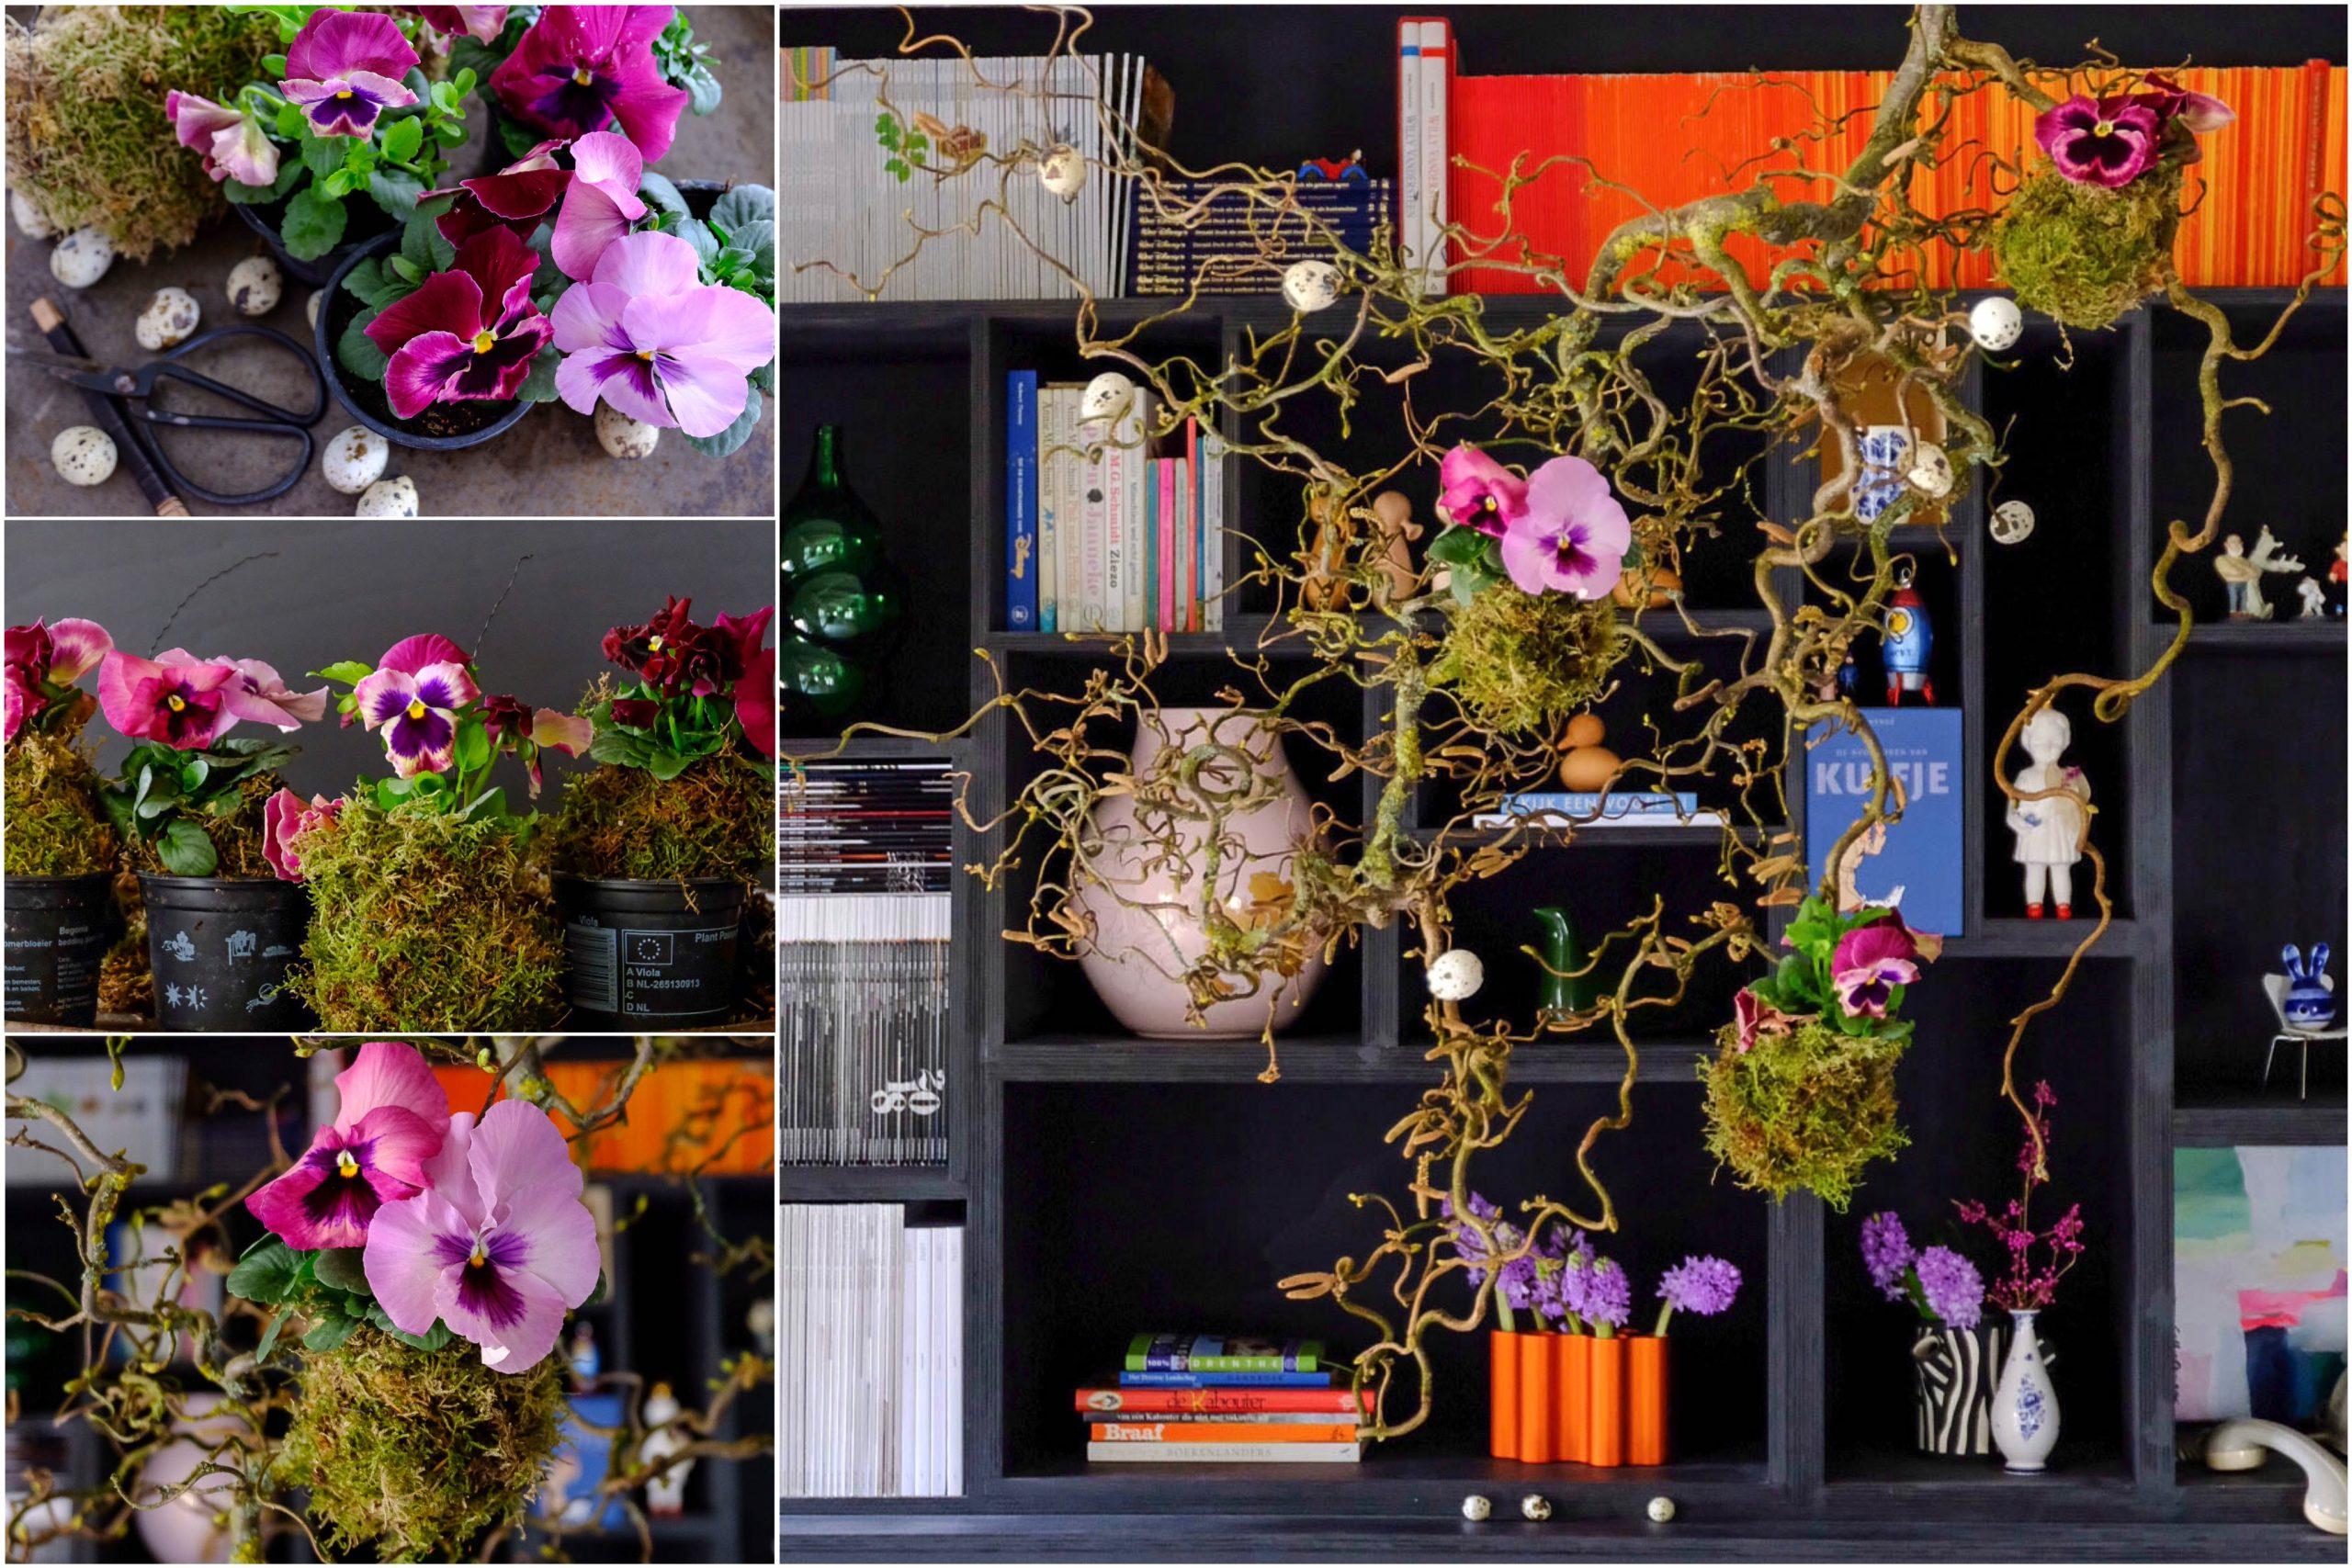 Voorjaarshanger met violen - Maandelijks terugblik-en weetjesblog #3